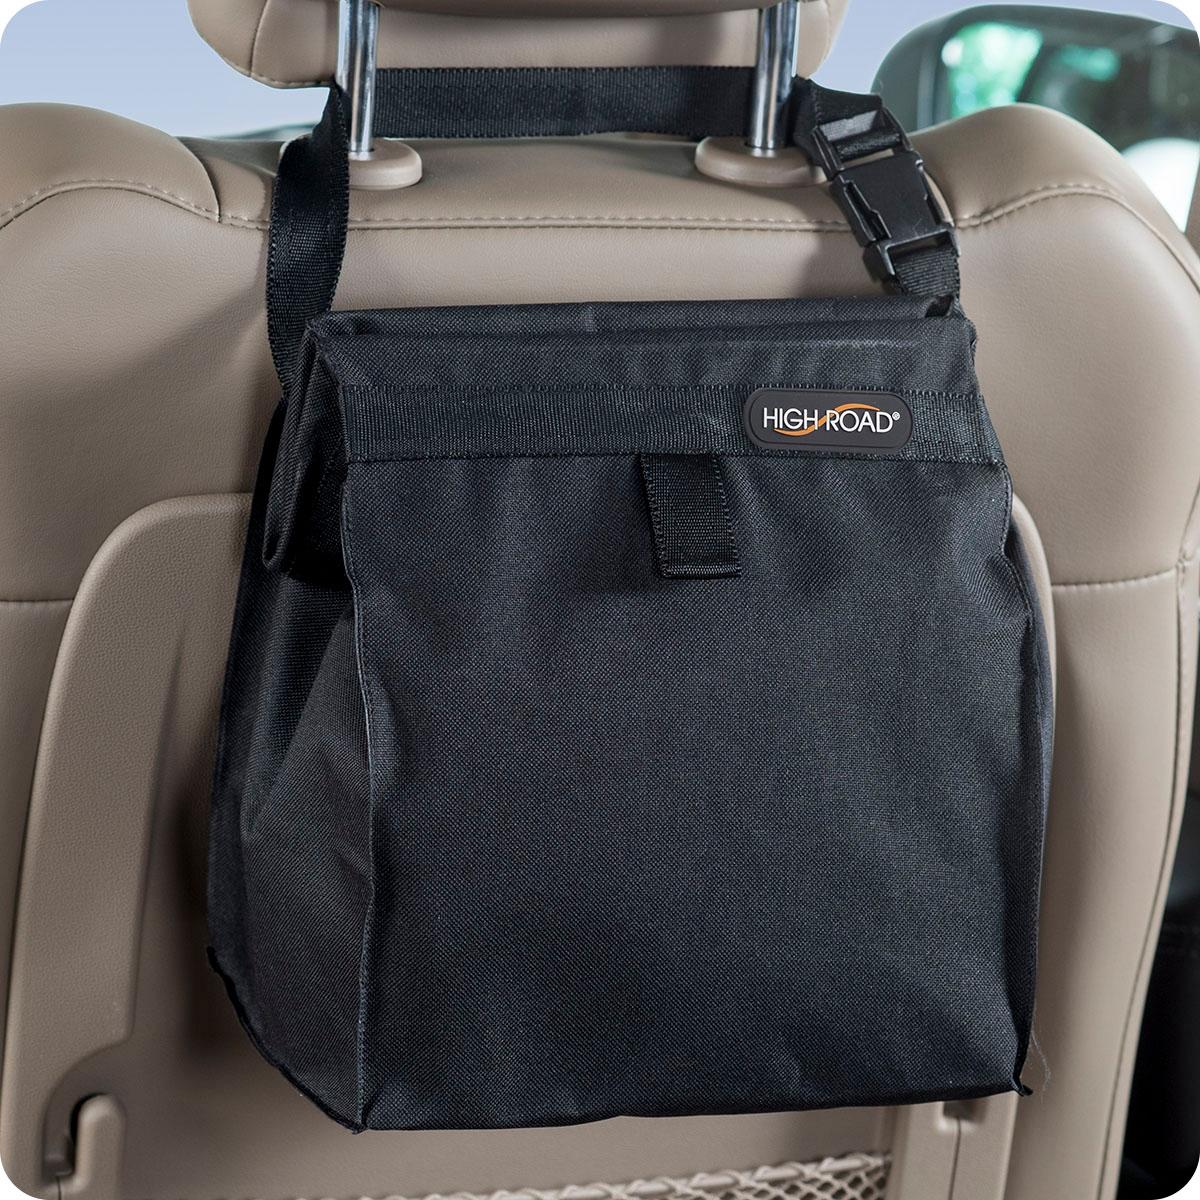 Black TrashStash Leakproof Hanging Car And Auto Litter Trash Bag